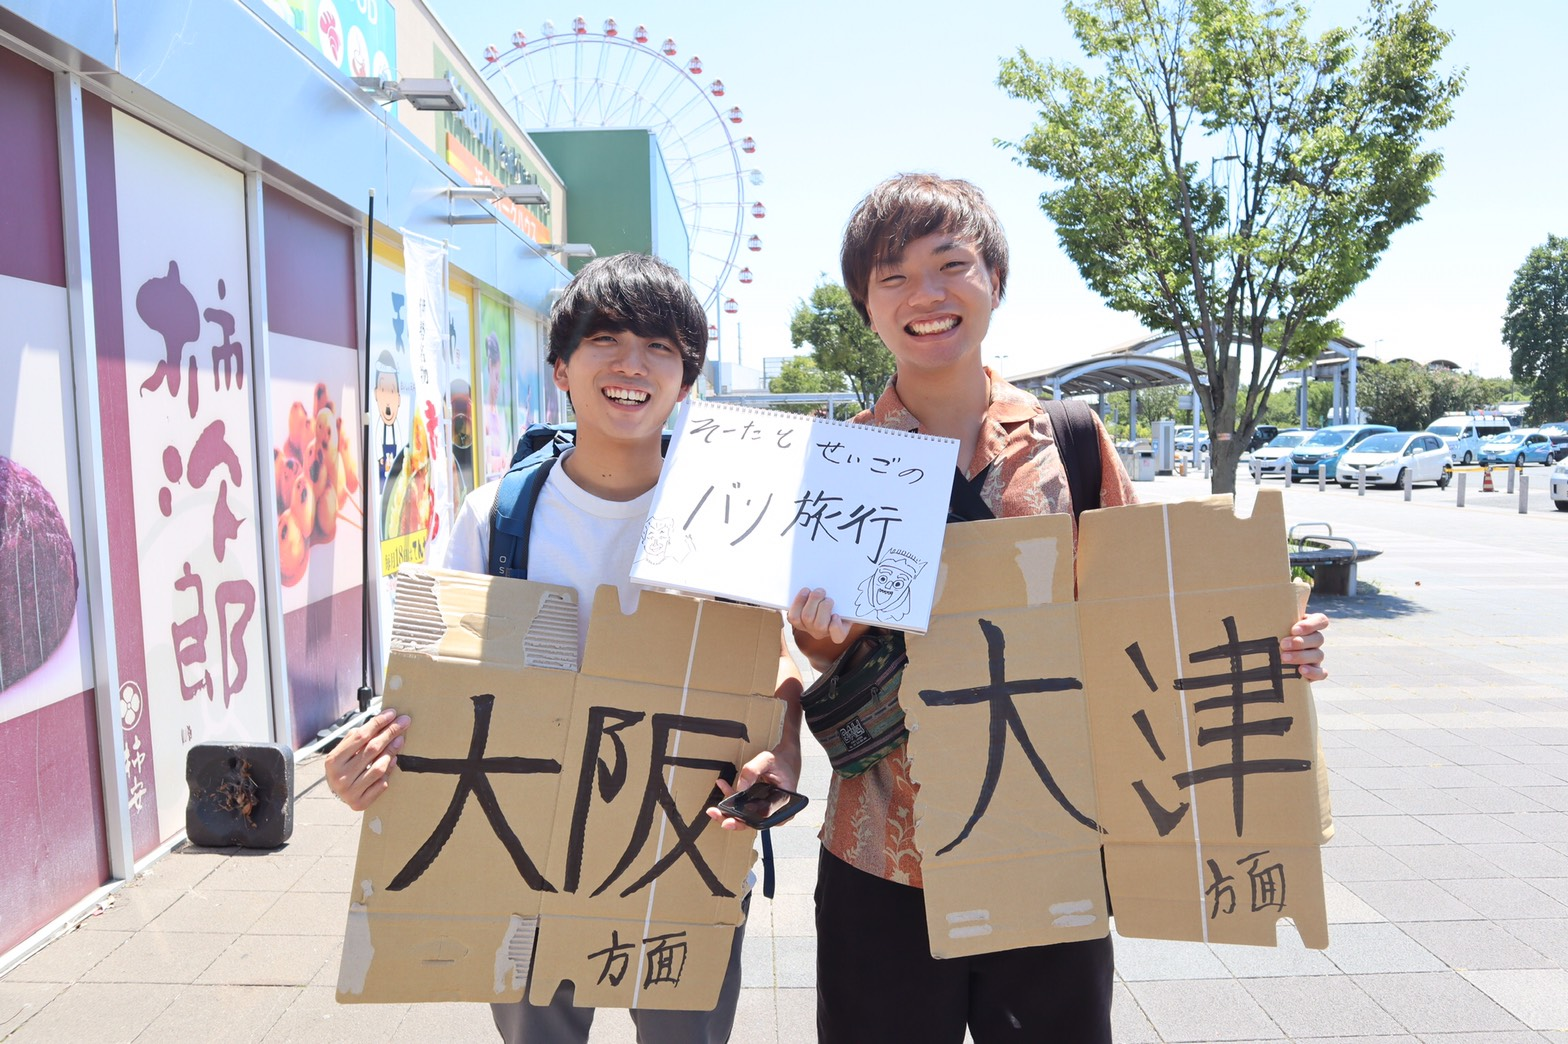 大阪までヒッチハイクした写真